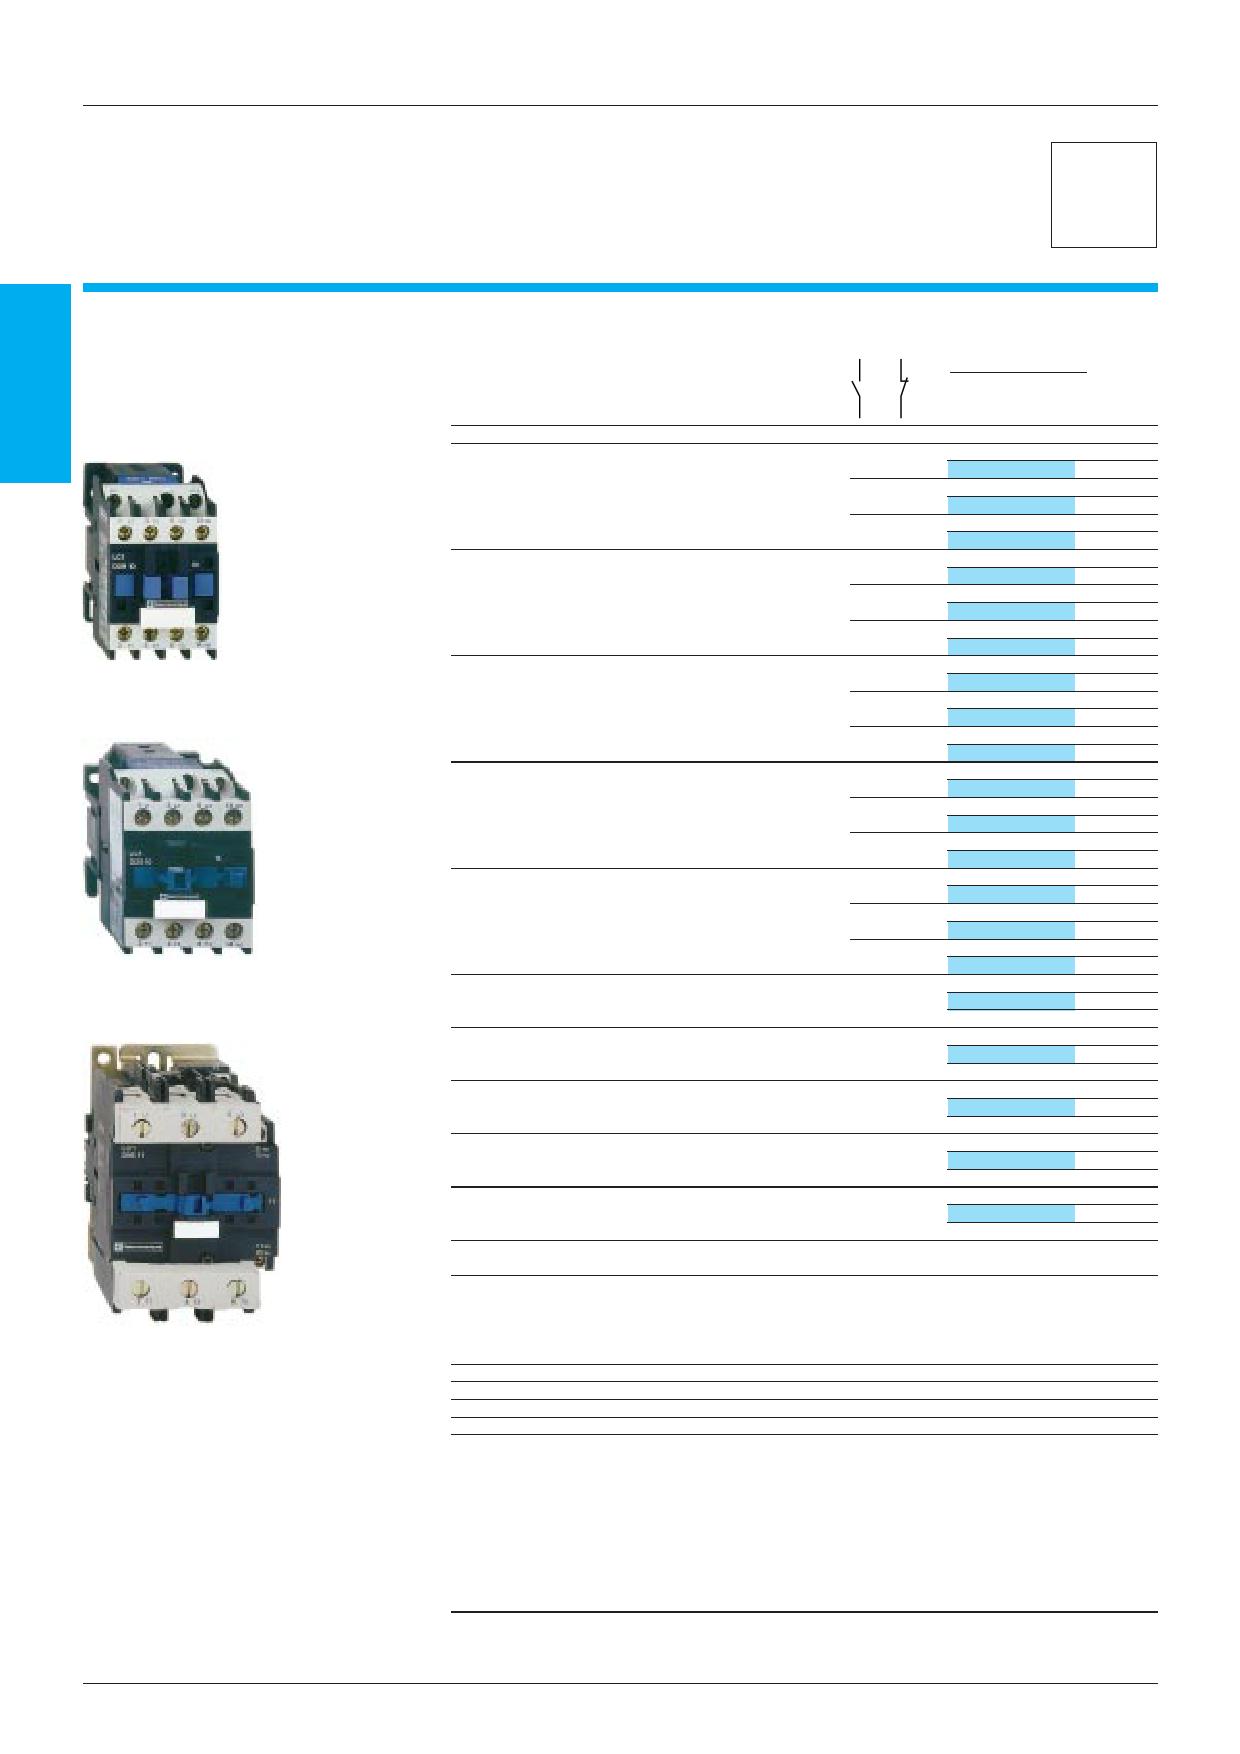 LC1-D8011xx datasheet